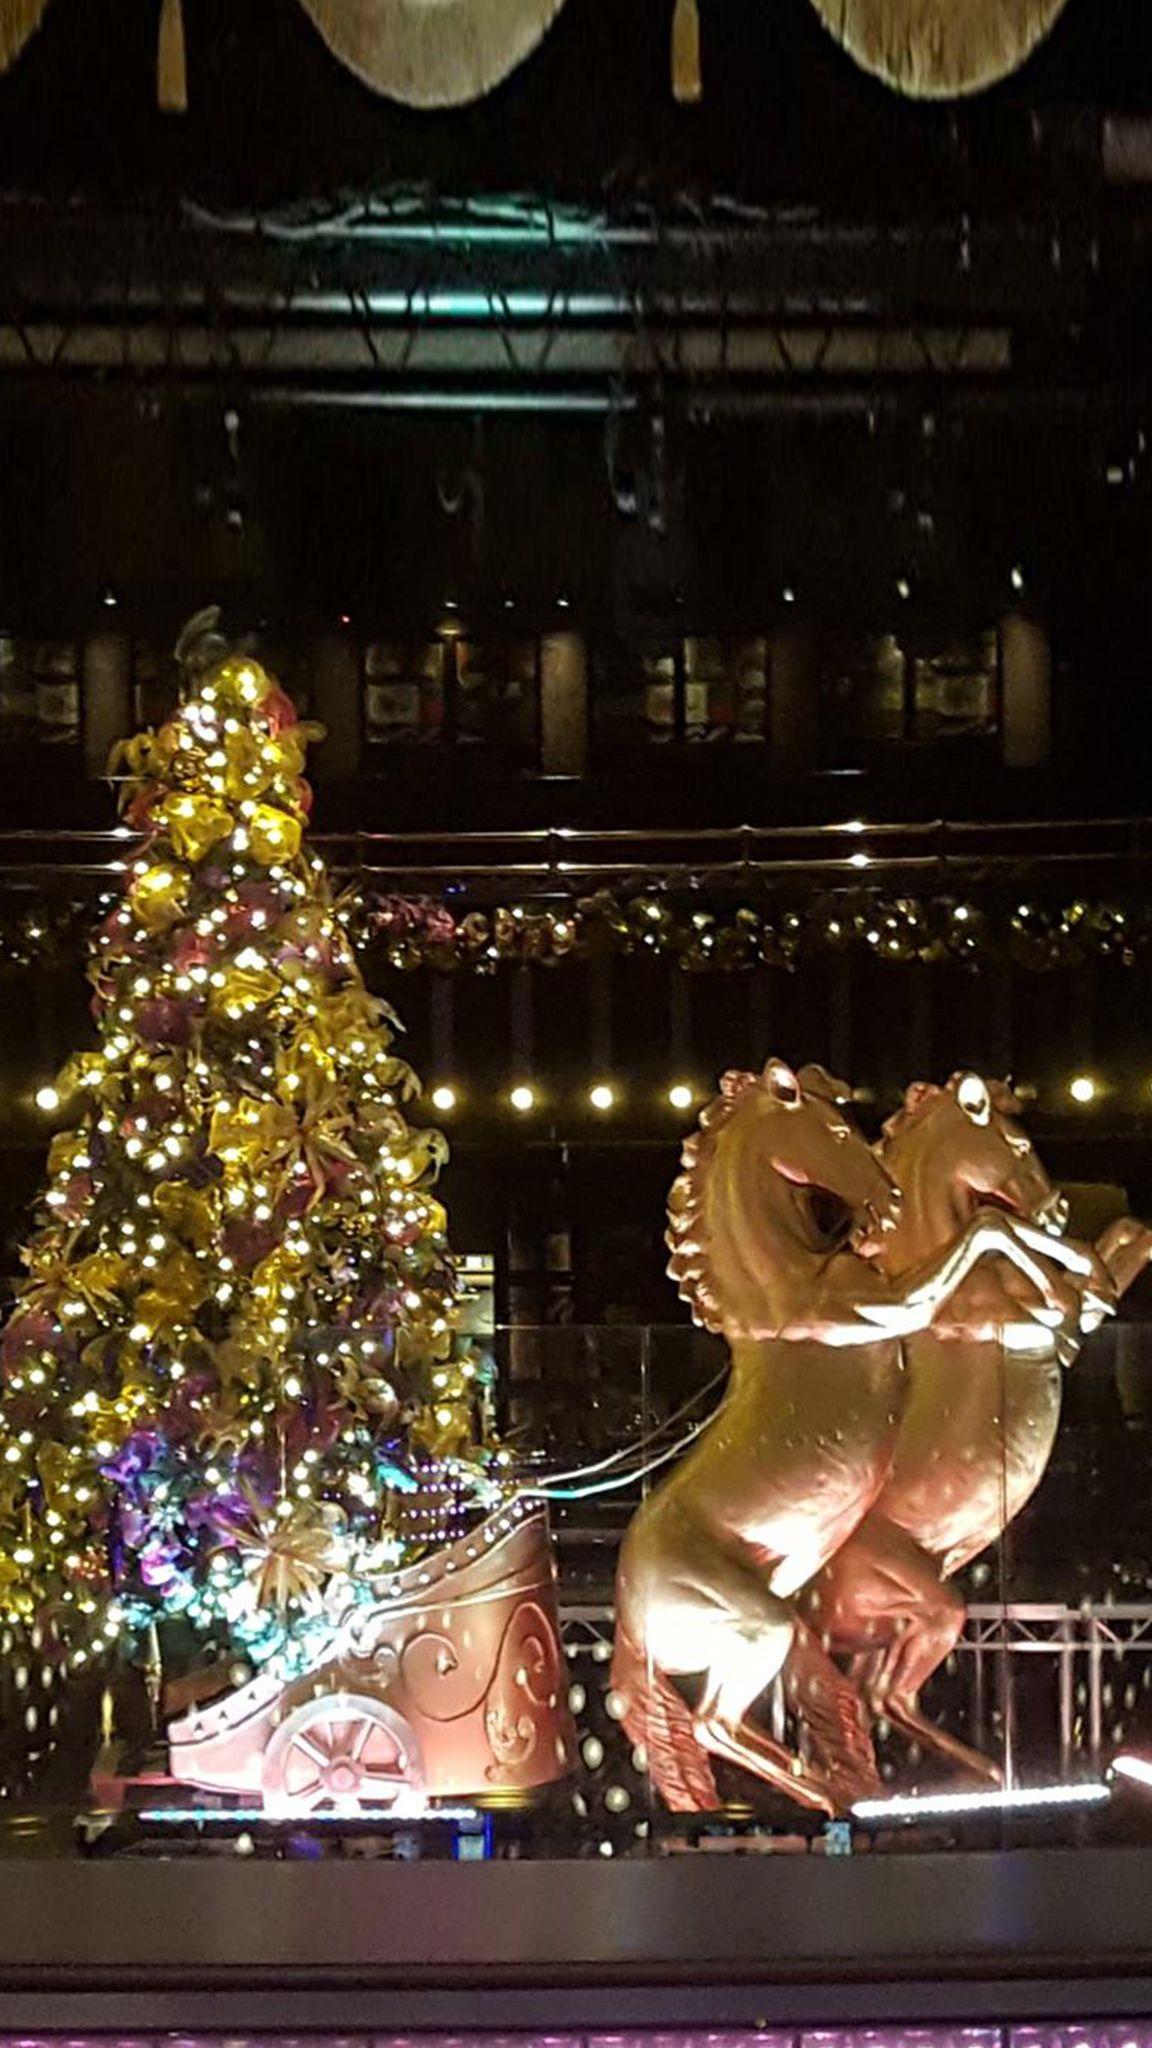 Christmas tree reindeers bespoke Christmas venue